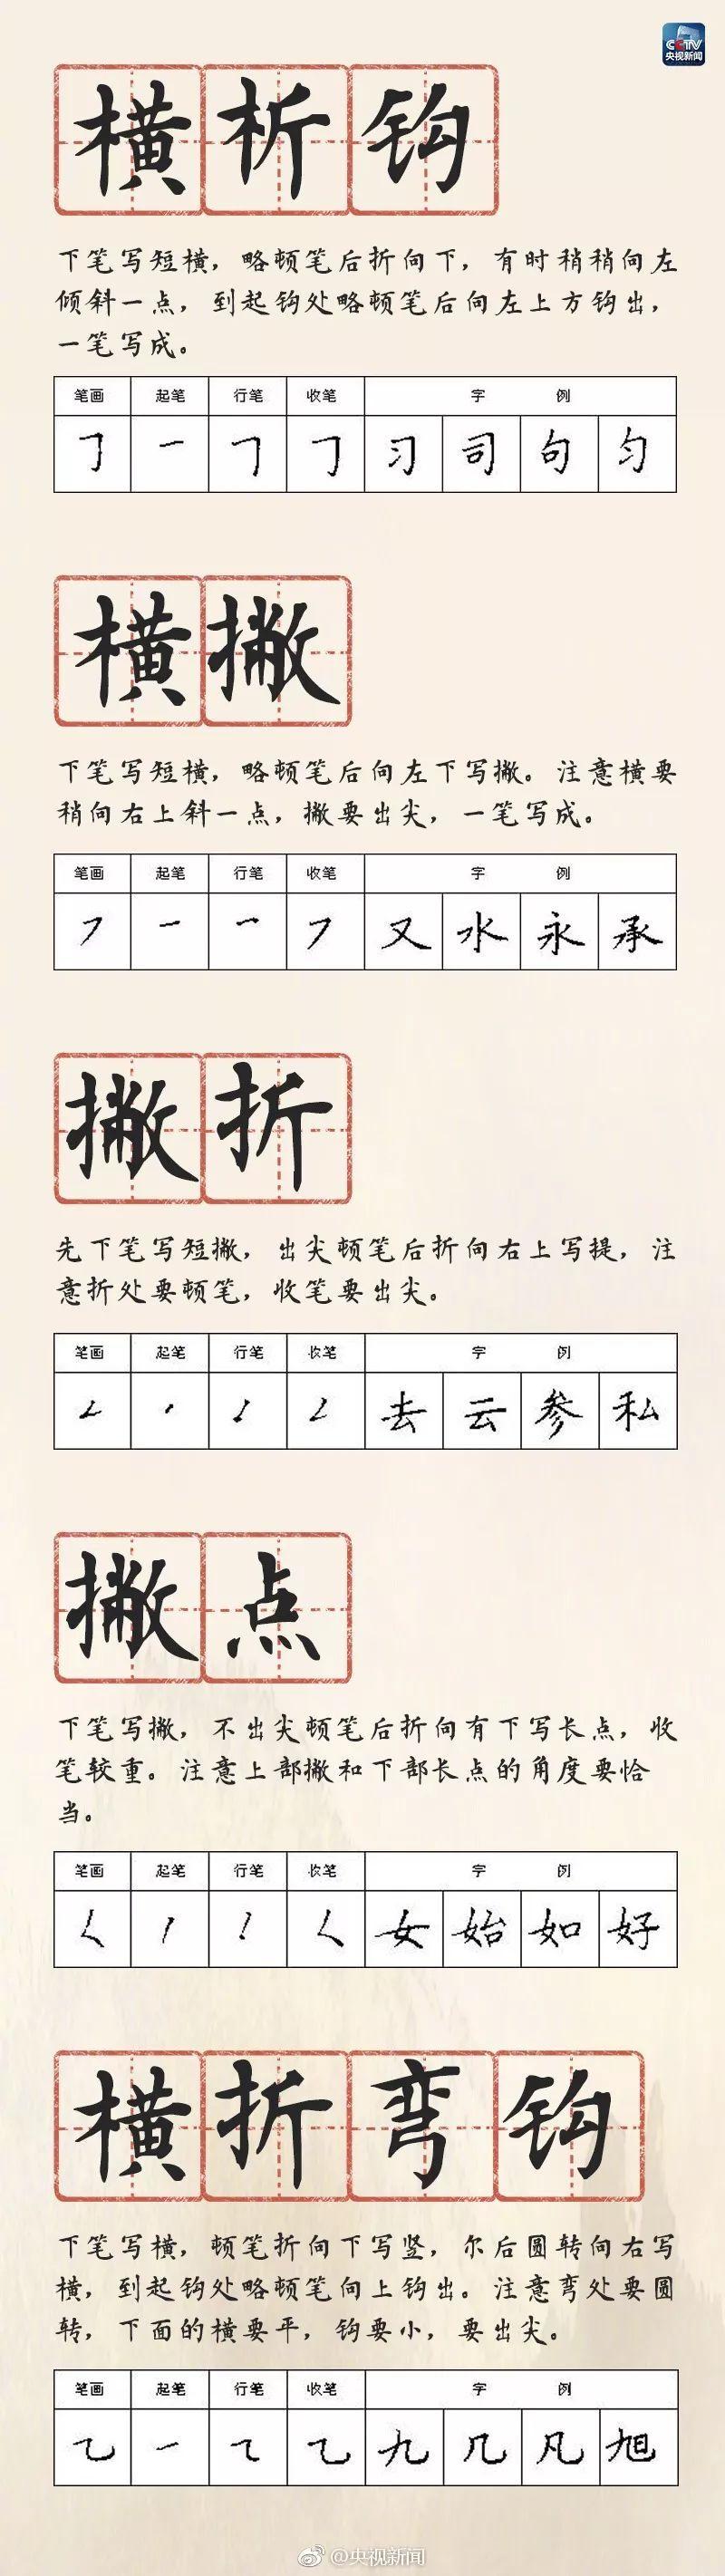 央视:硬笔书法28种基本笔画的书写方法,为孩子们收藏!